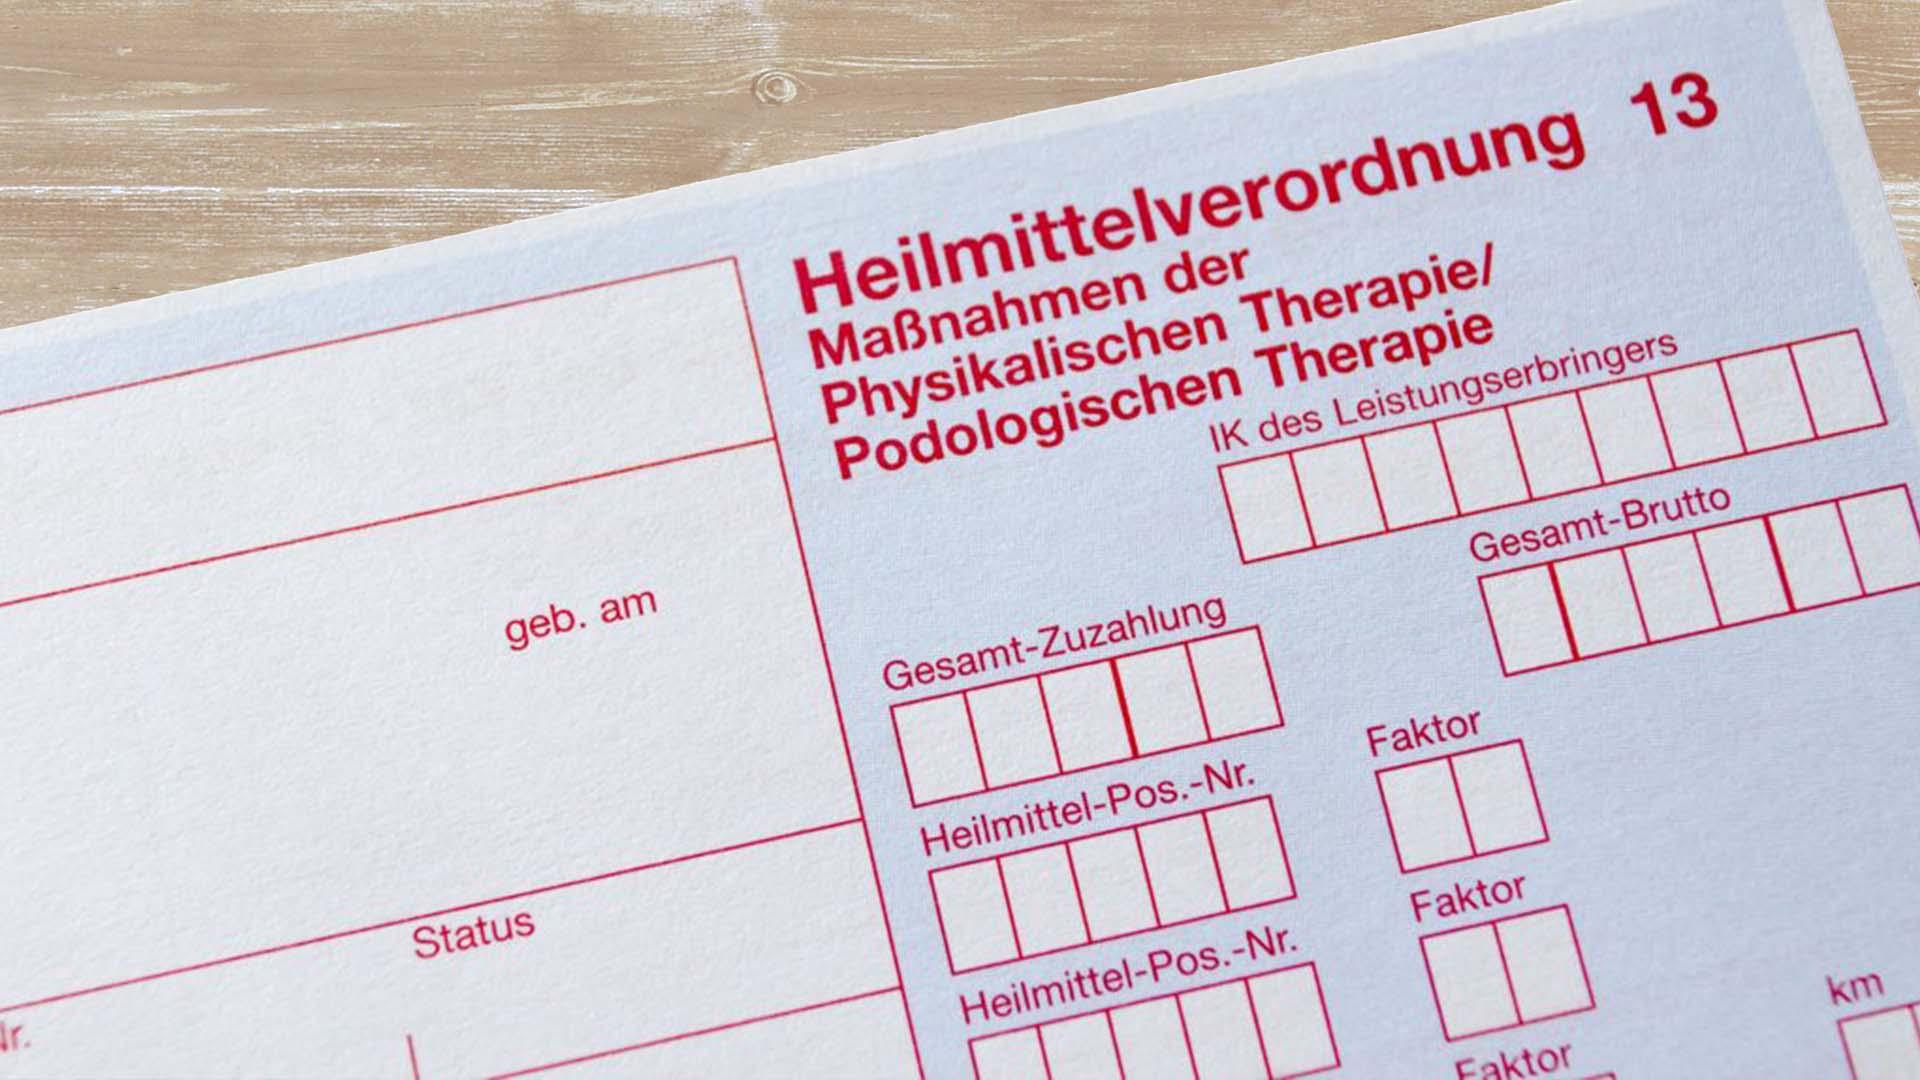 Die neue Heilmittel-Richtlinie: Mit diesen Änderungen müssen Physiotherapeuten in Zukunft rechnen